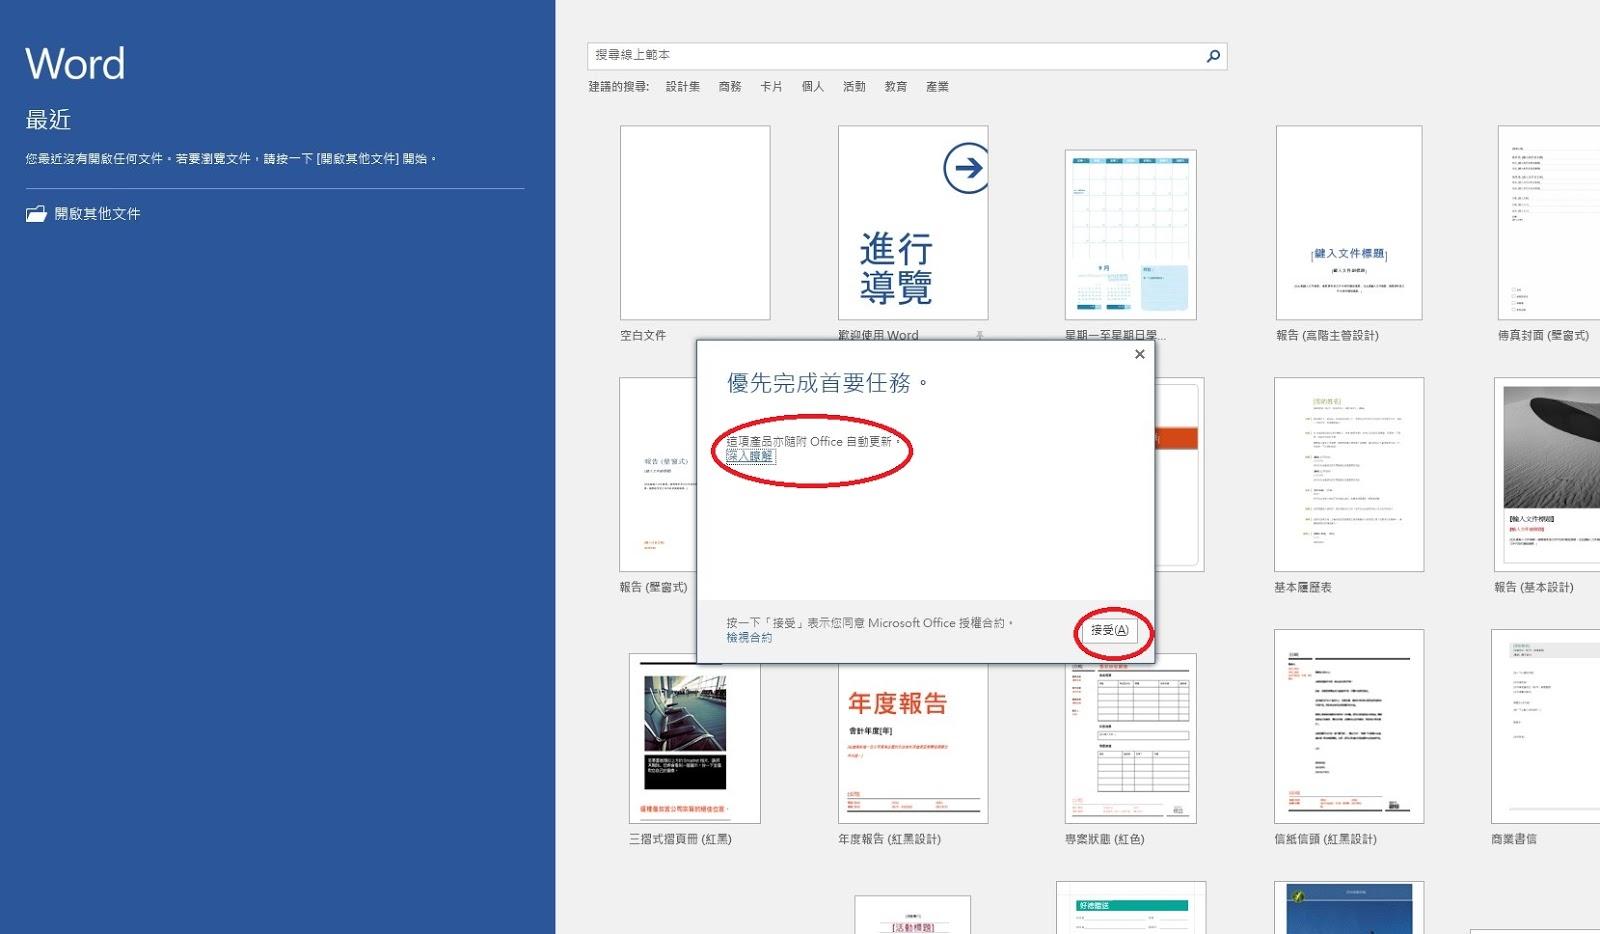 軟件集中: Microsoft Office 2016